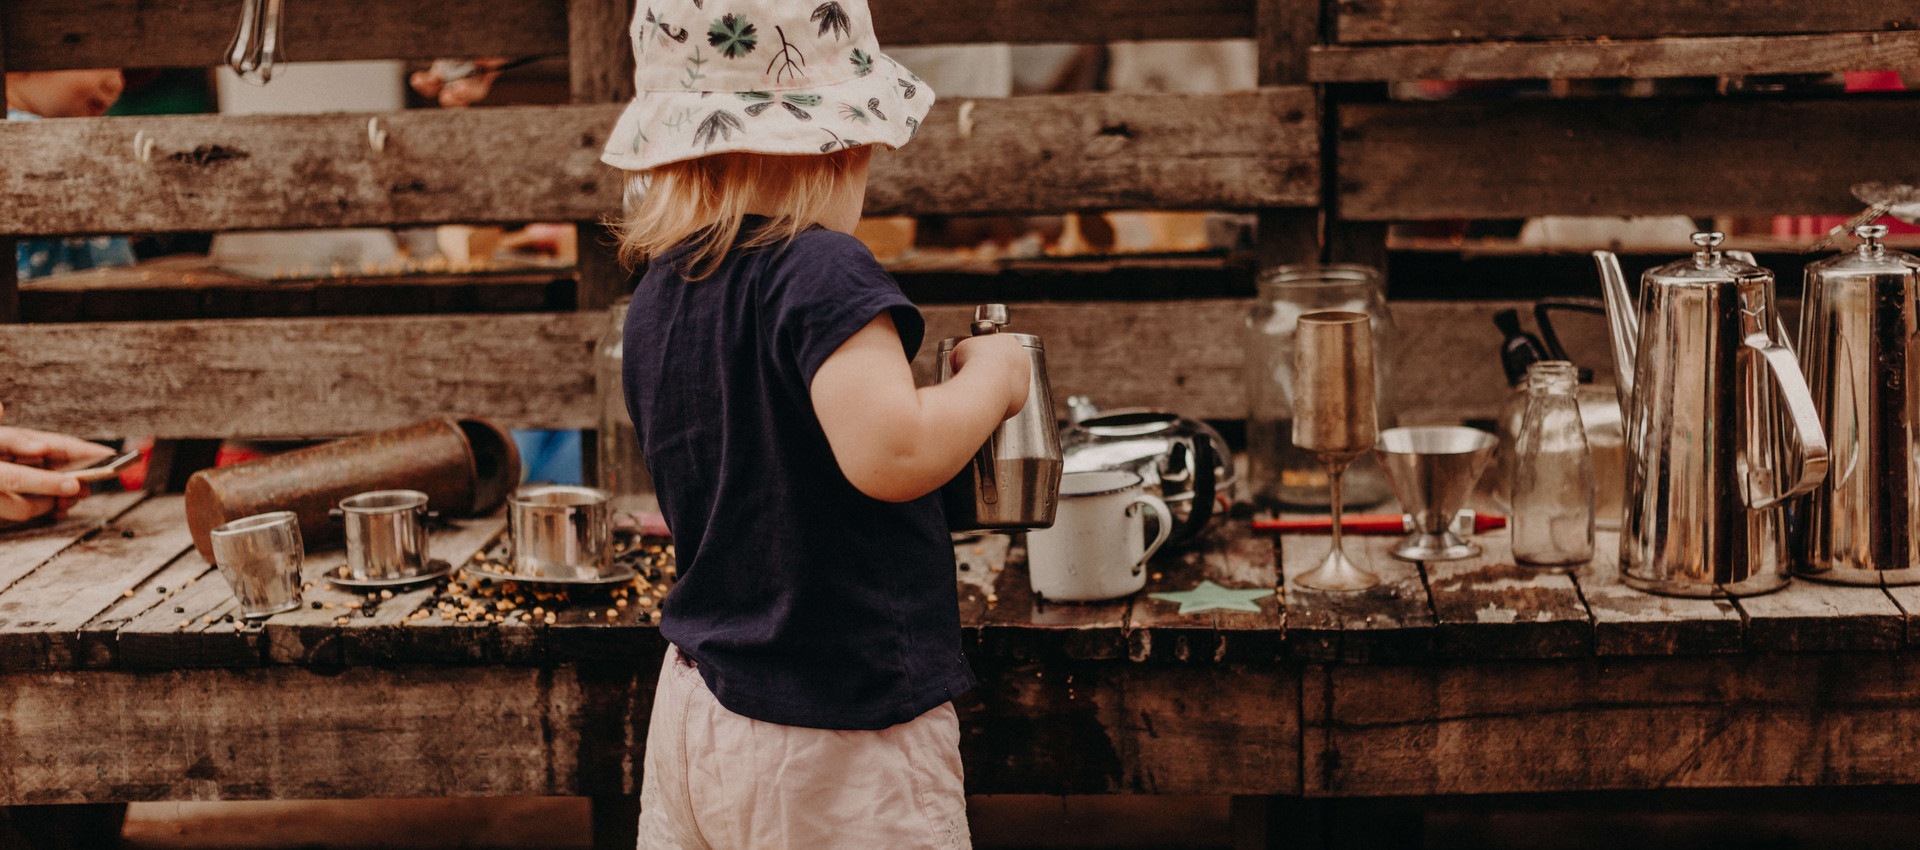 messy play Curious me Logan Qld (2).JPG